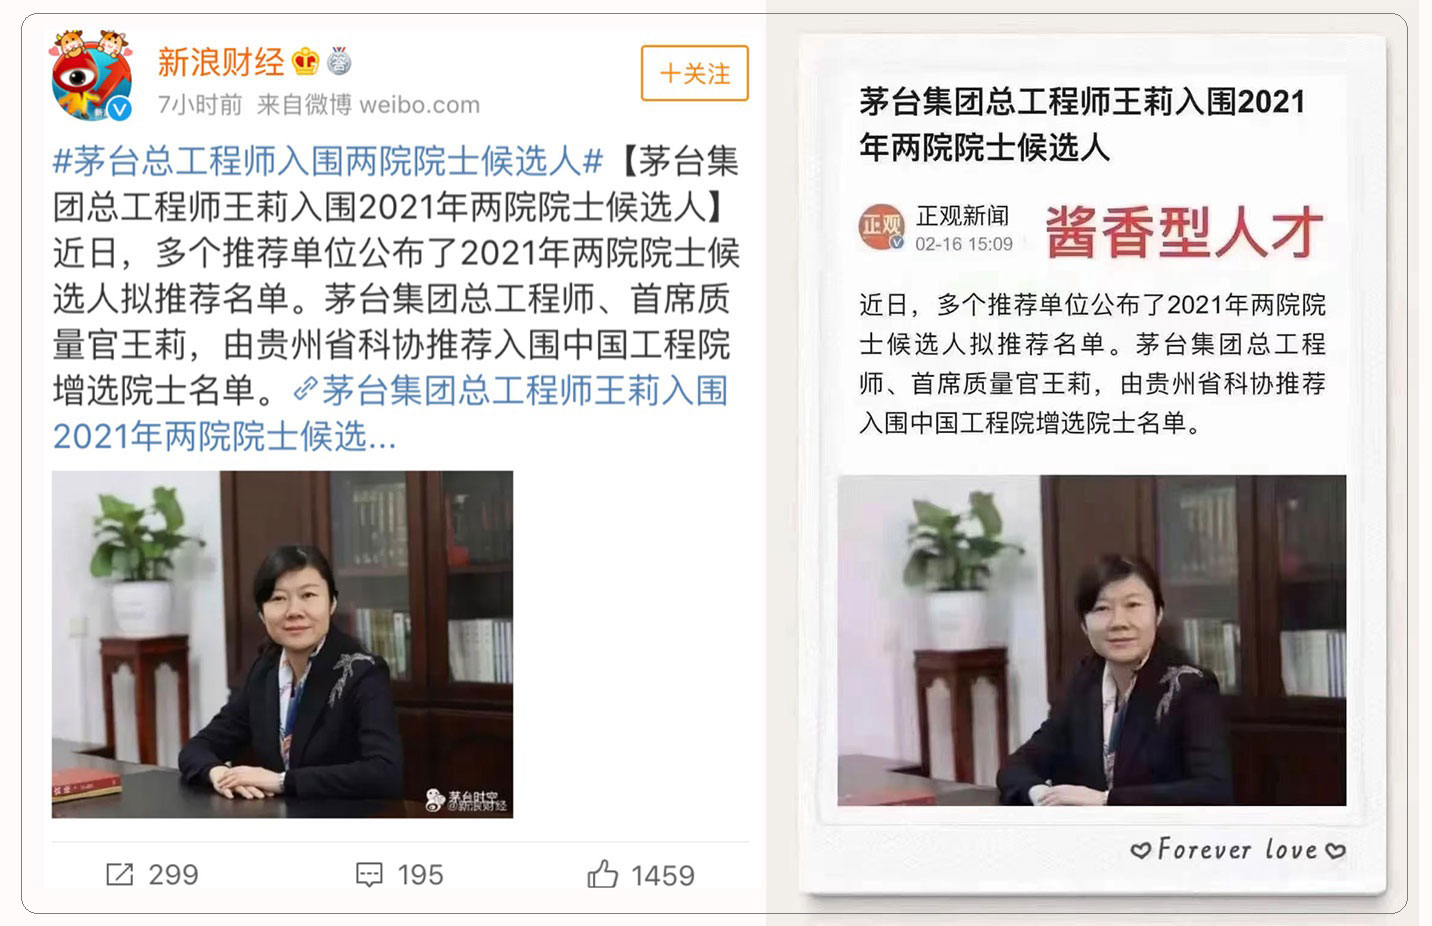 茅台集团总工程师王莉入围2021年中国工程院院士贵州省候选人。(网络截图)(photo:RFA)